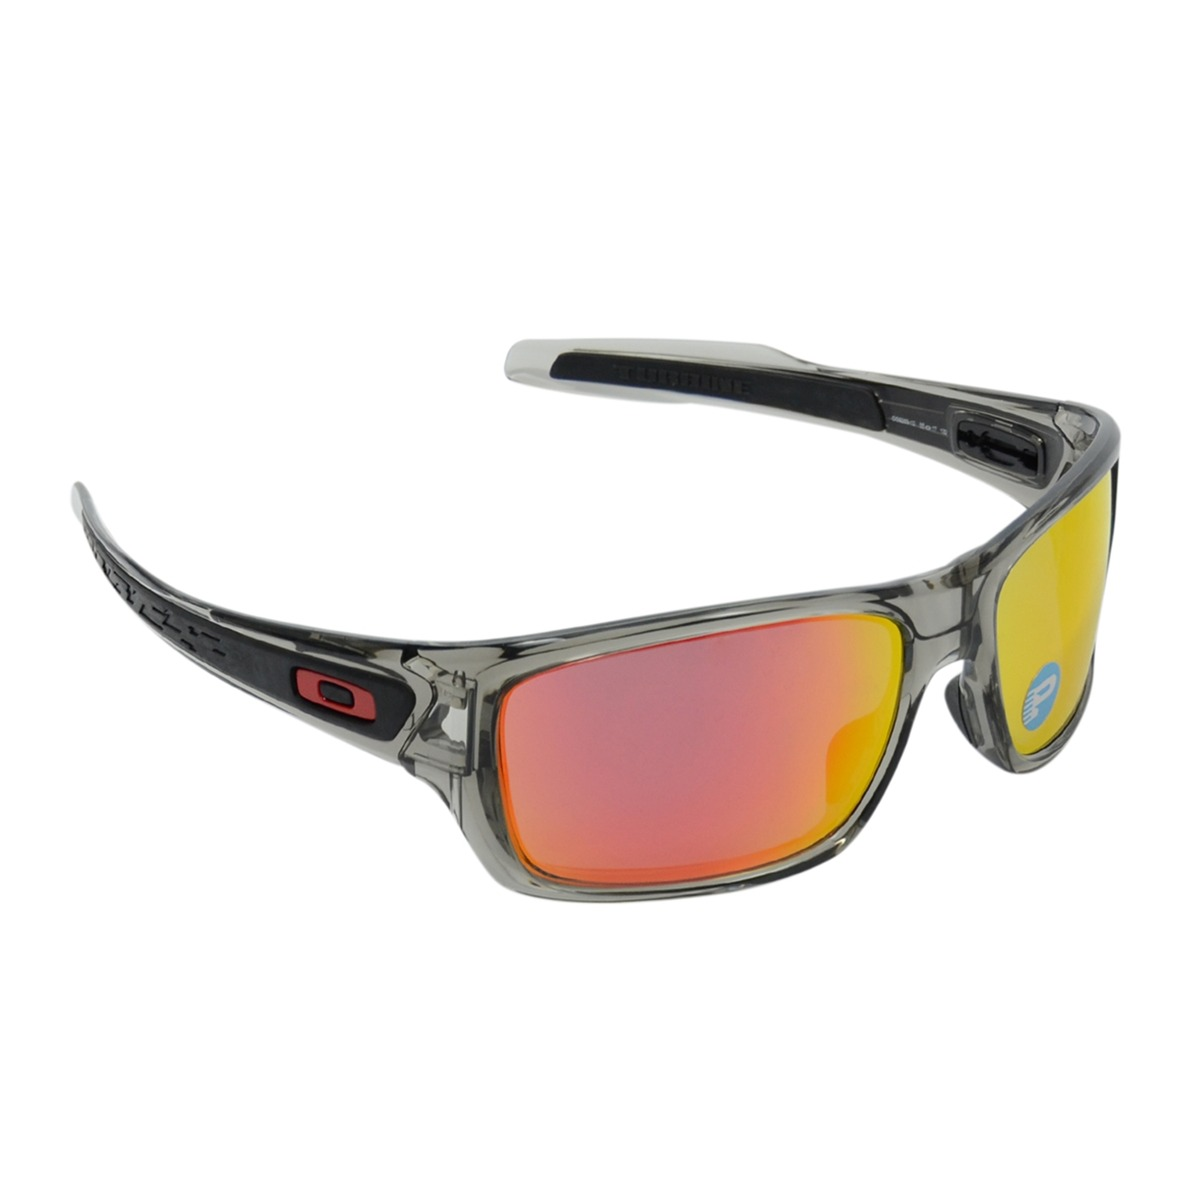 54d46a950 Óculos Masculino Oakley Turbine Grey Ruby Polarizado - R$ 660,00 em ...